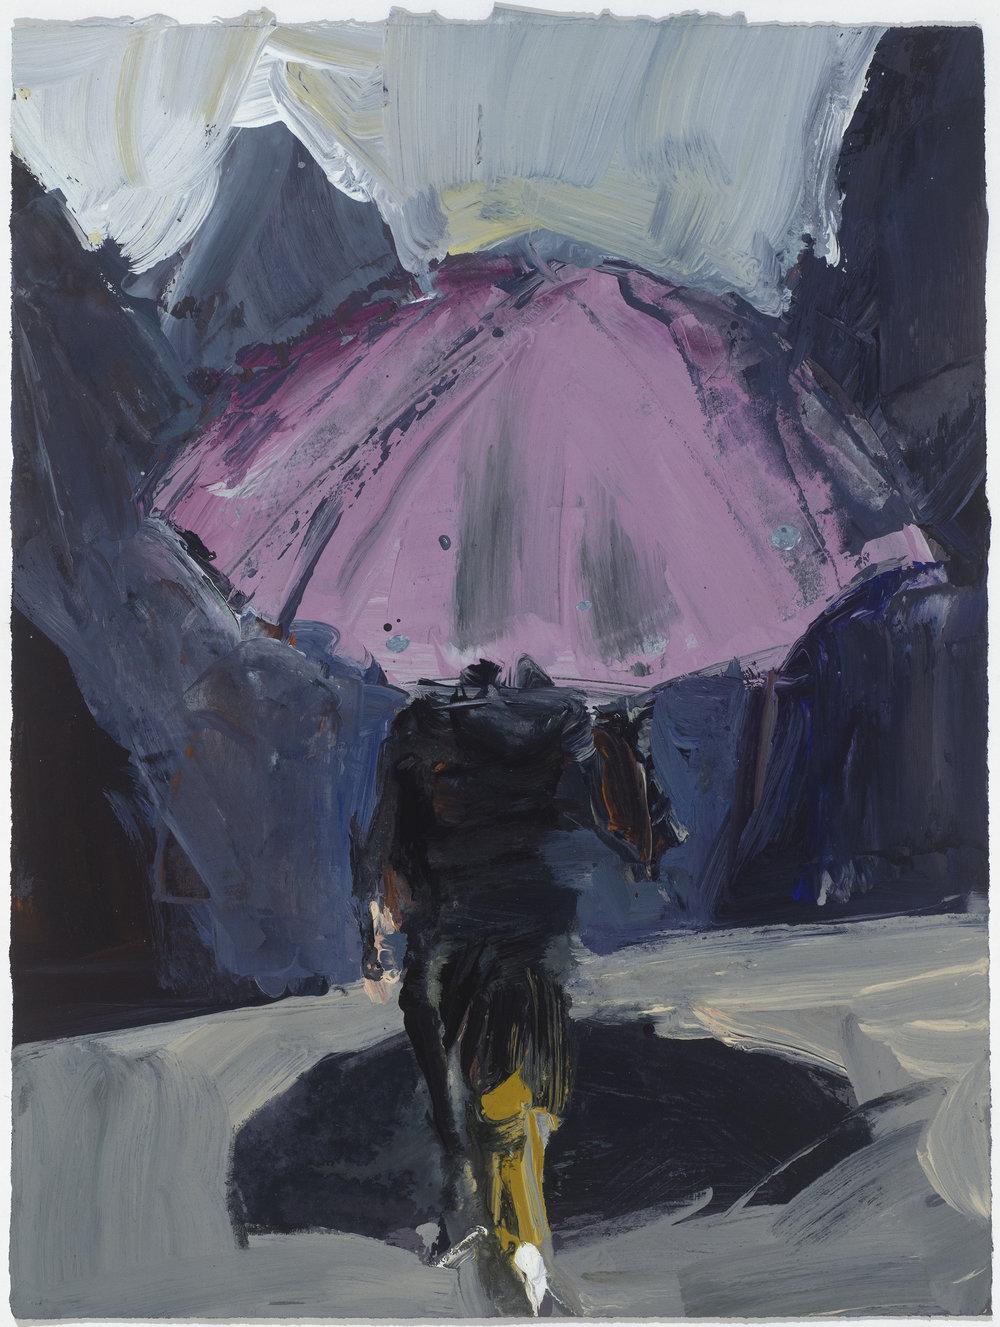 Pink umbrella 10/16